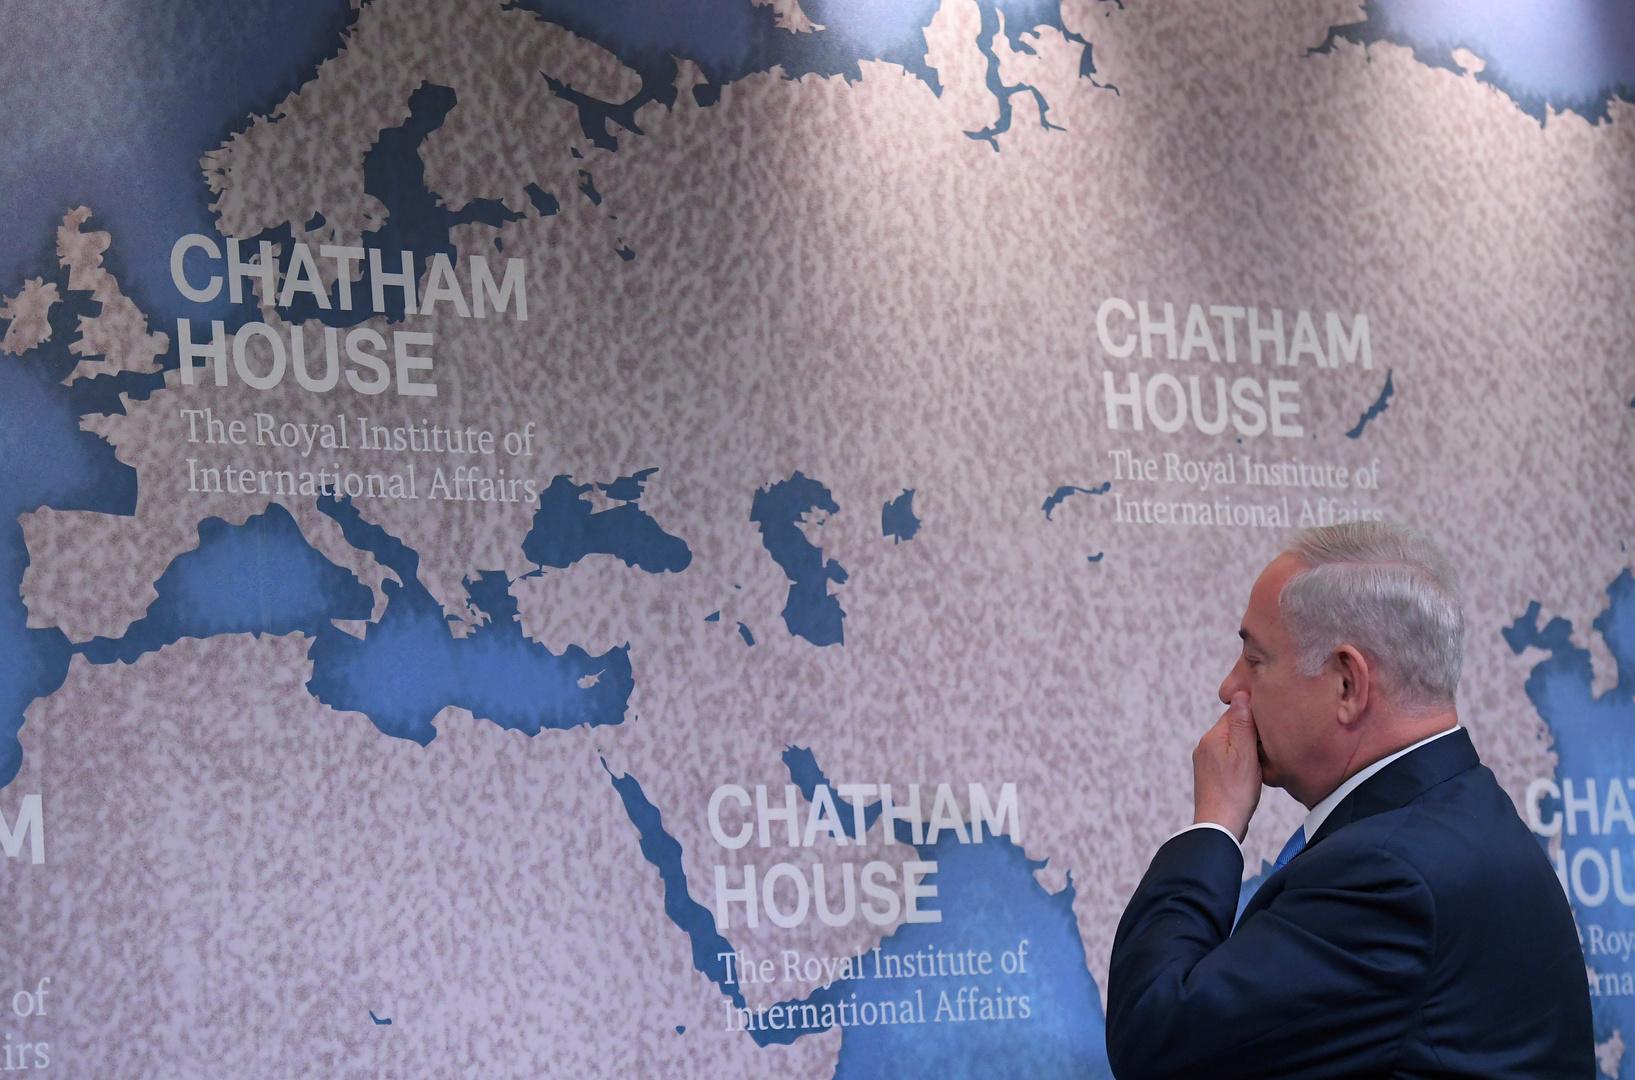 واشنطن: إسرائيل شاركت بمؤتمر أمني دولي في المغرب